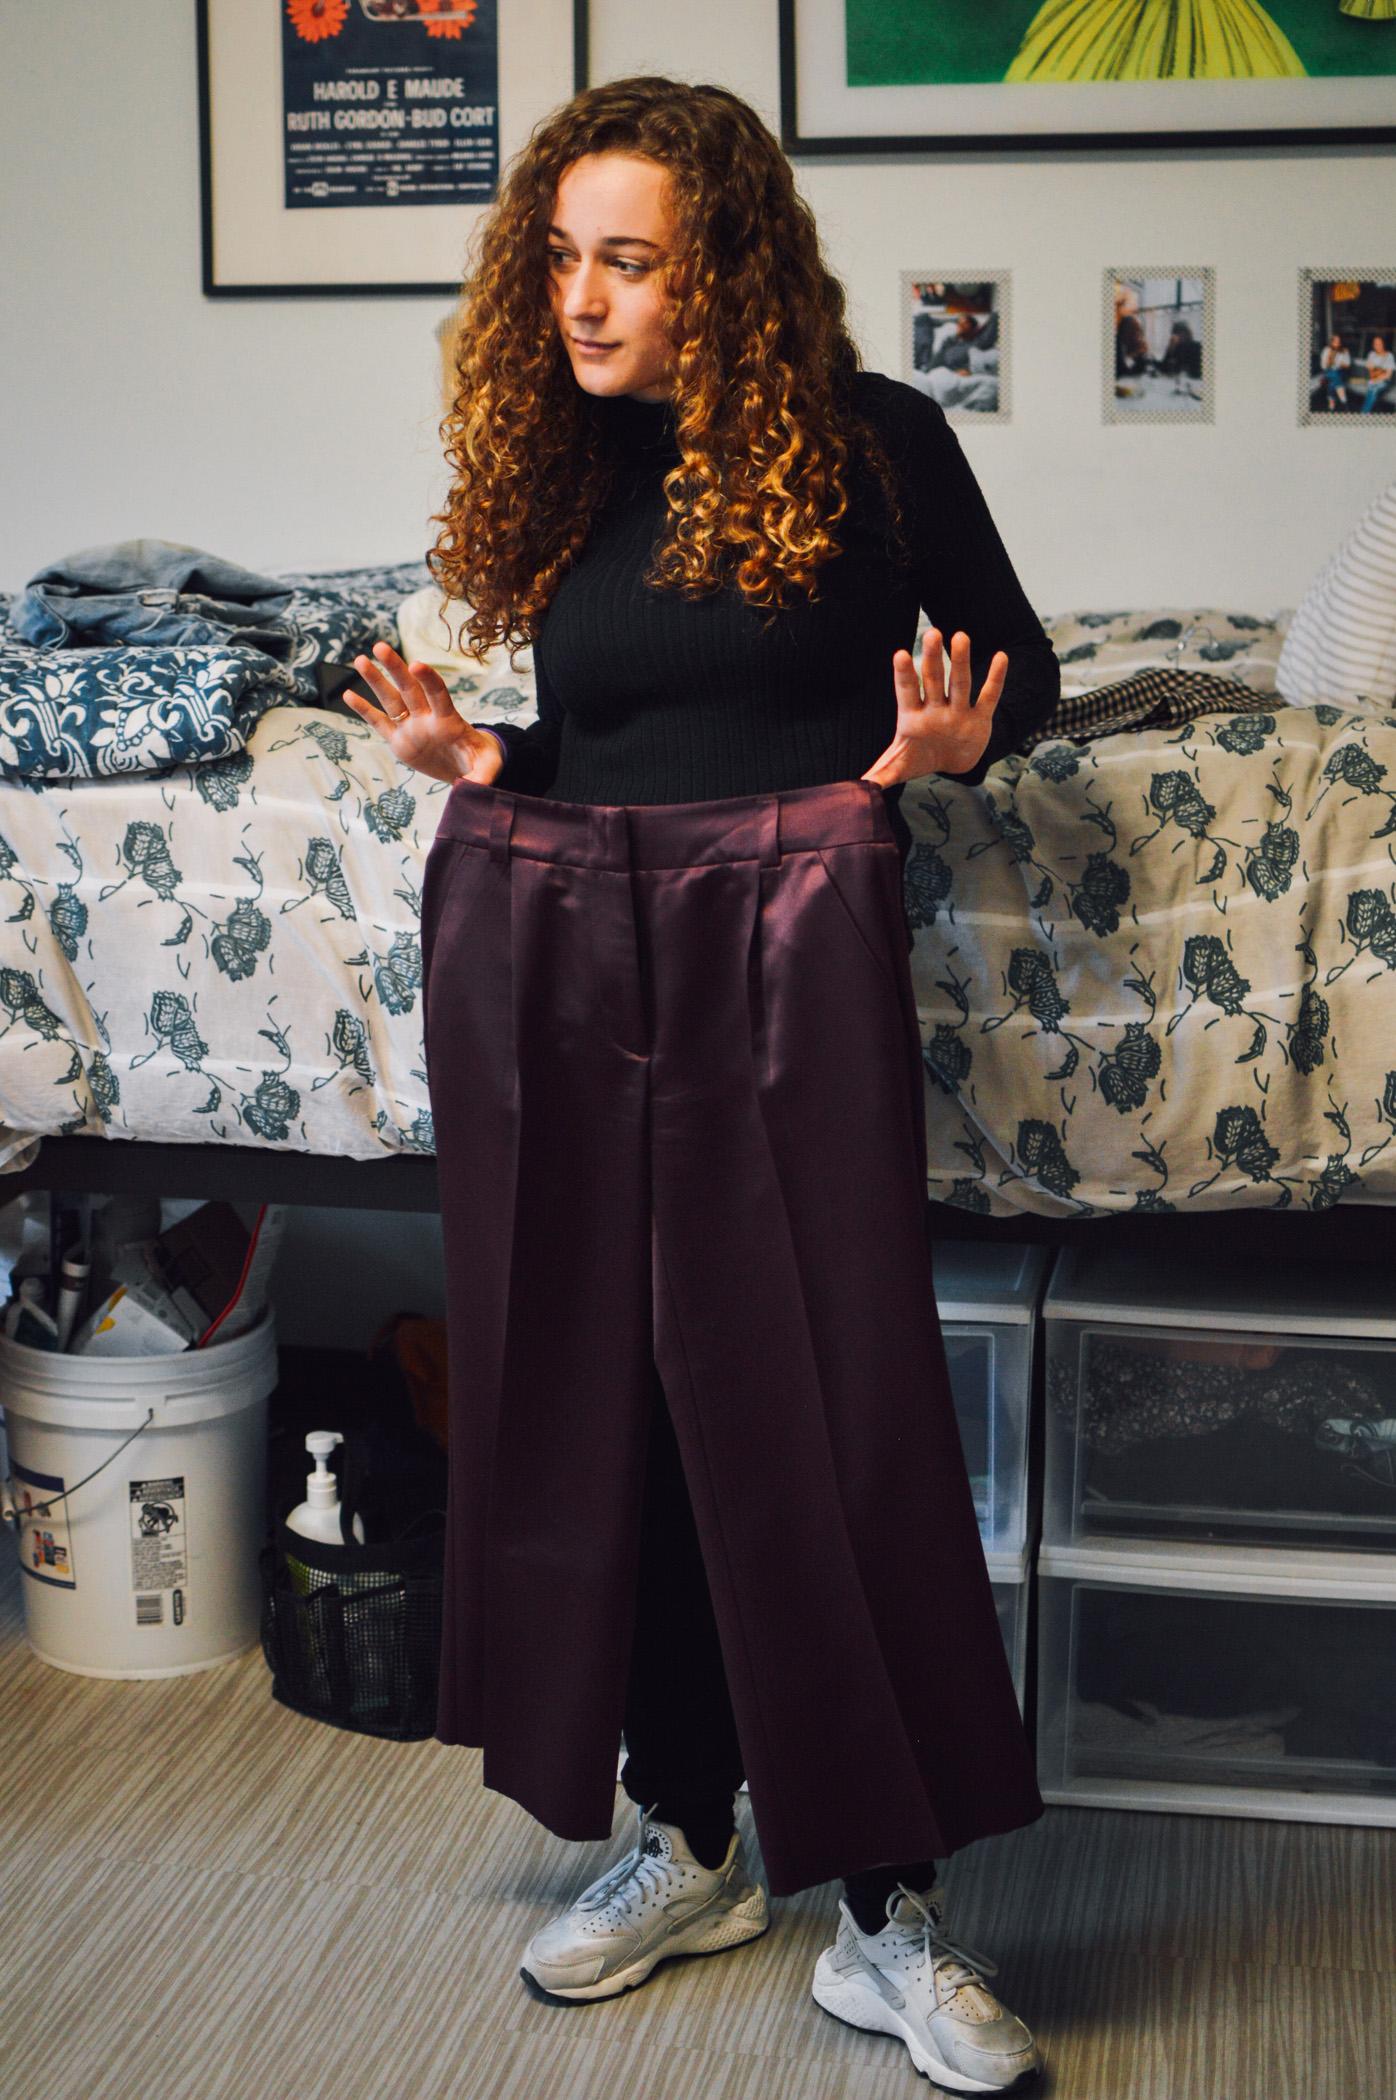 Pants: JLO by Jennifer Lopez